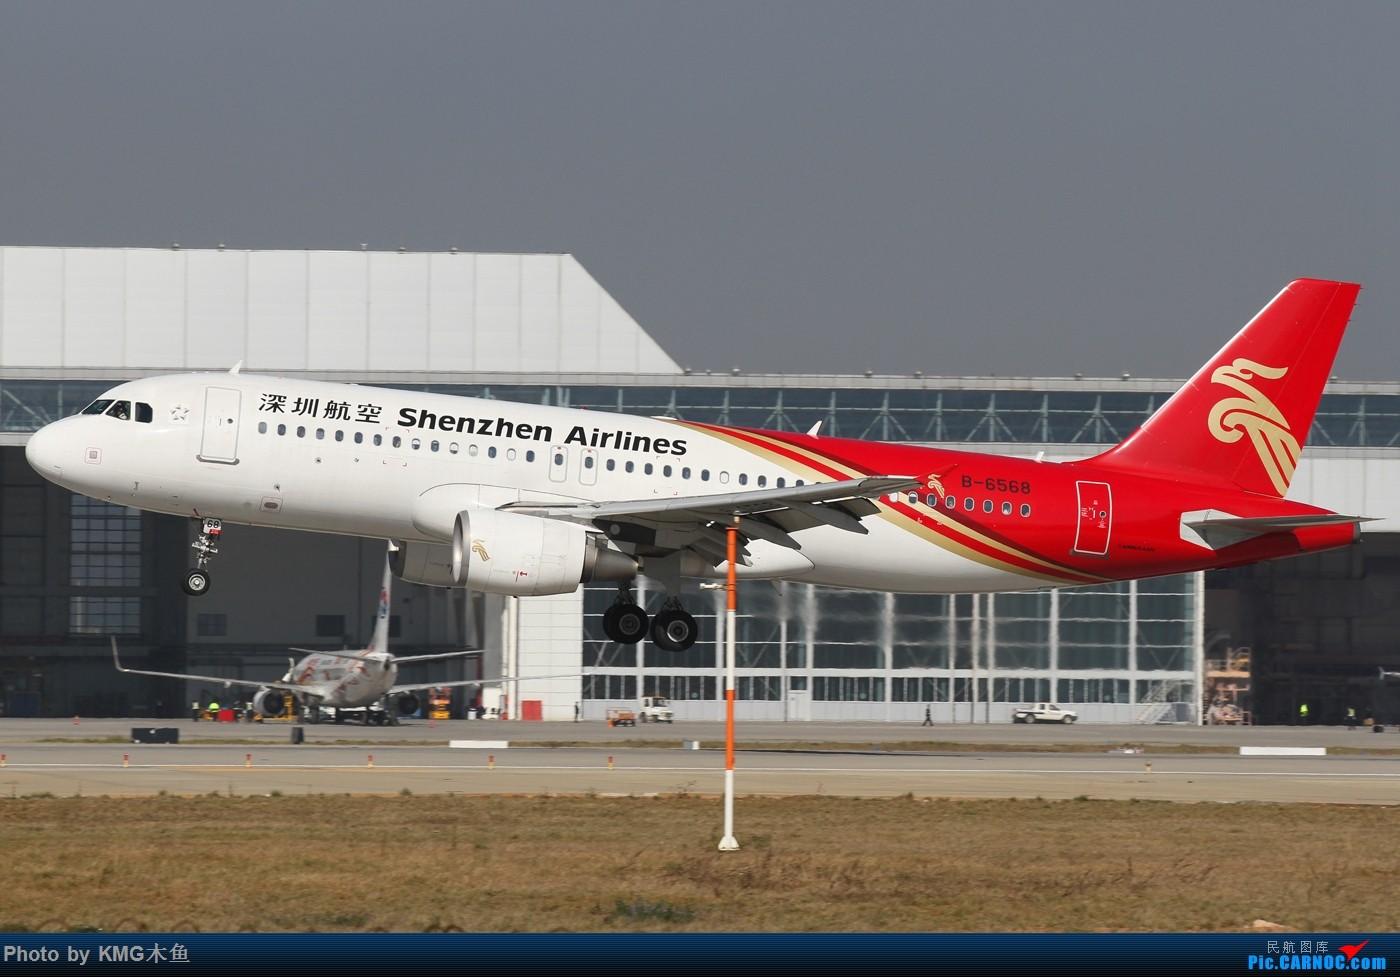 Re:[原创]【KMG昆明长水国际机场】好天气,拍到了好灰机,愉快的一天 AIRBUS A320-200 B-6568 中国昆明长水国际机场